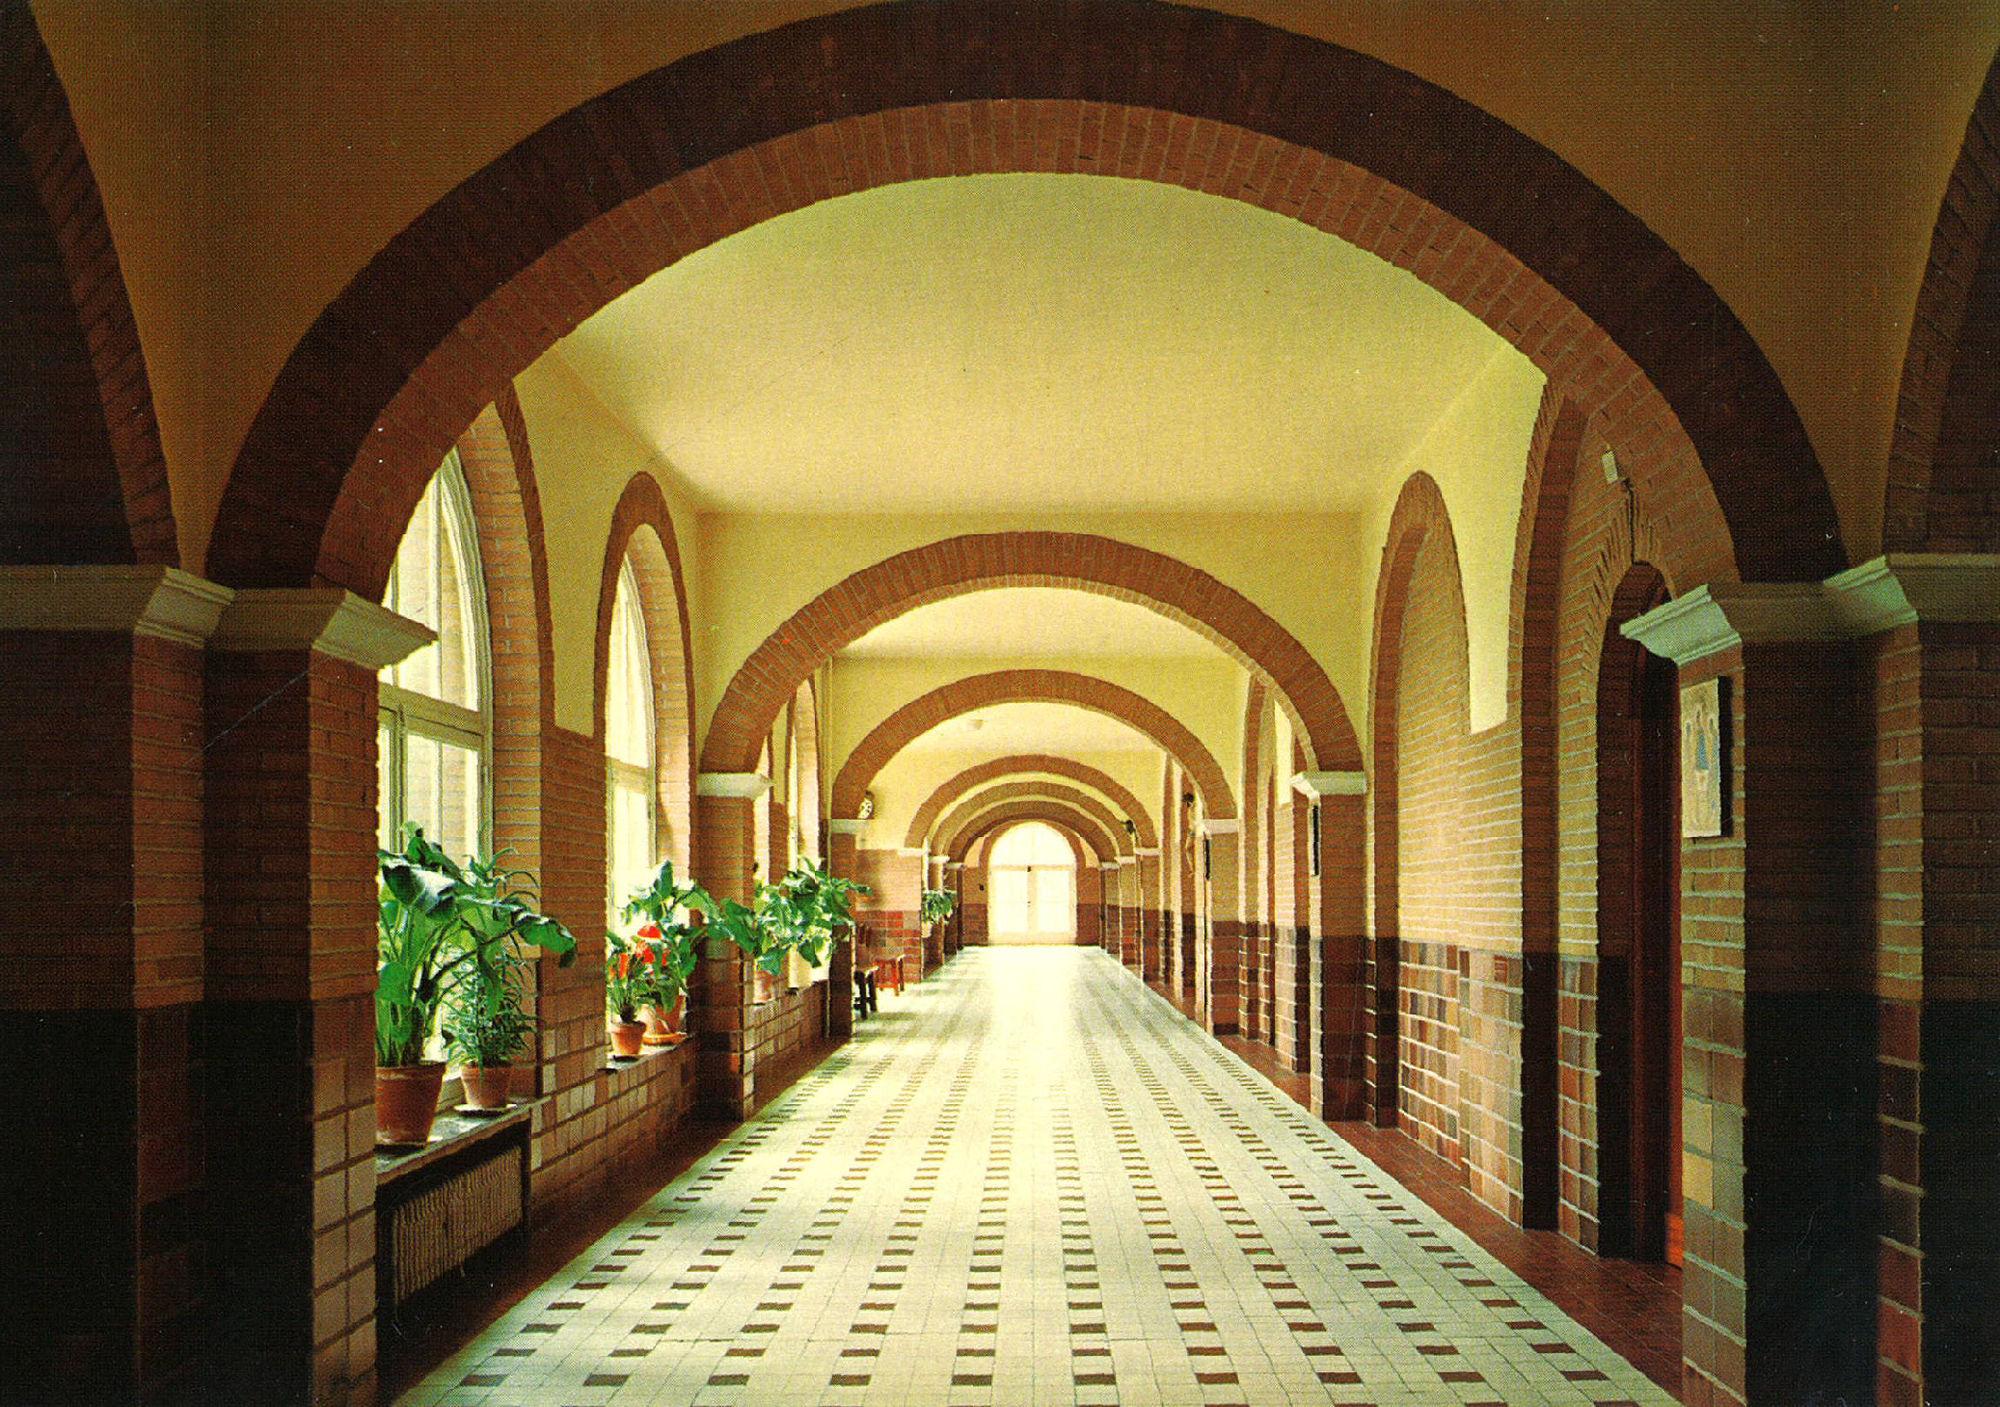 Klooster Heule